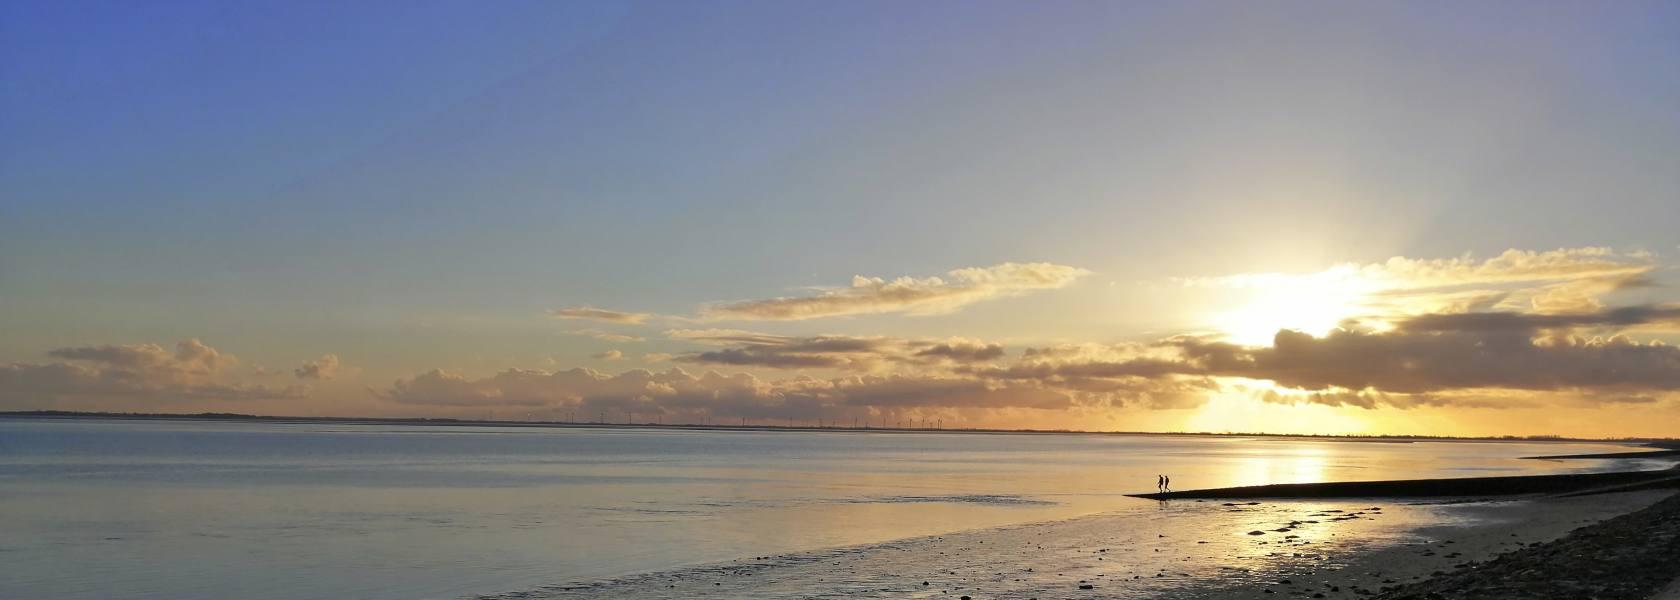 Strandbild Watt